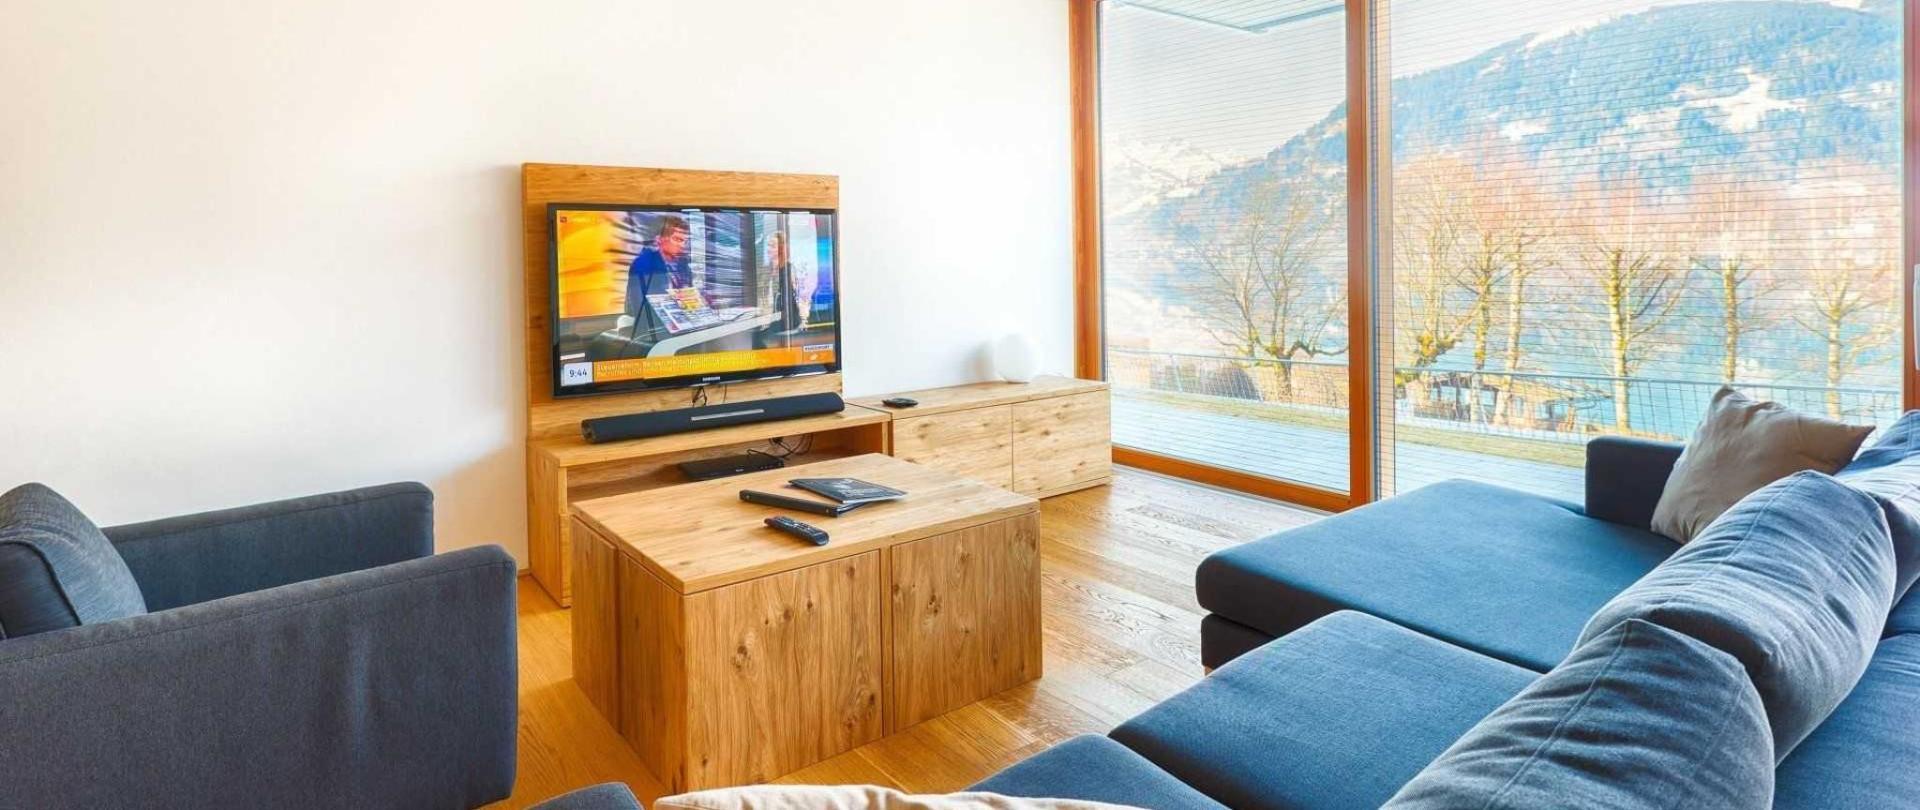 1-2-wohnzimmer-bellevue-0-1.jpg